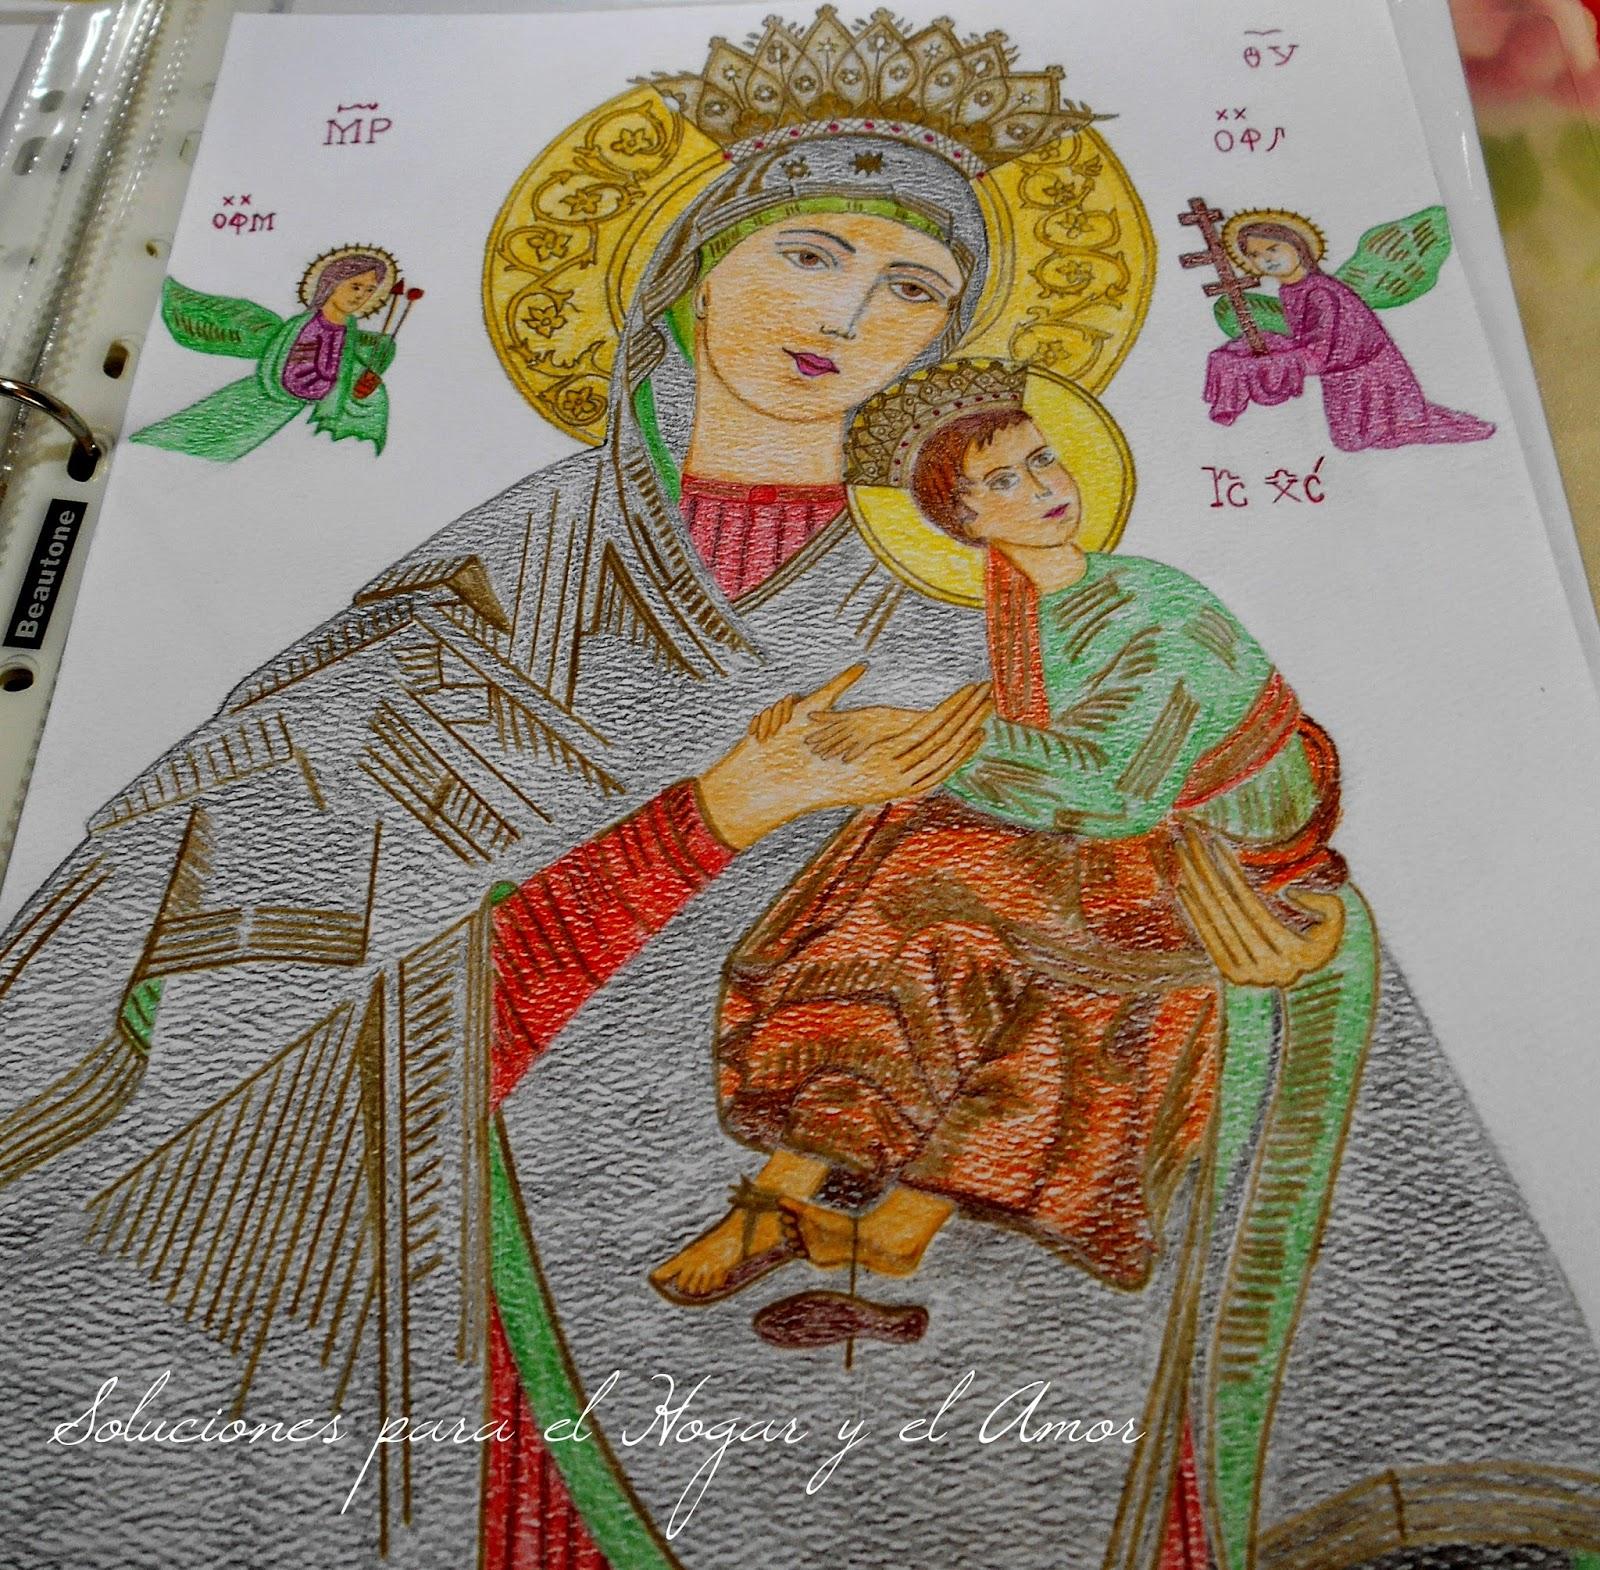 Mis Lápices y Dibujos, María del Perpetuo Socorro, imagen religiosa, Icono religioso